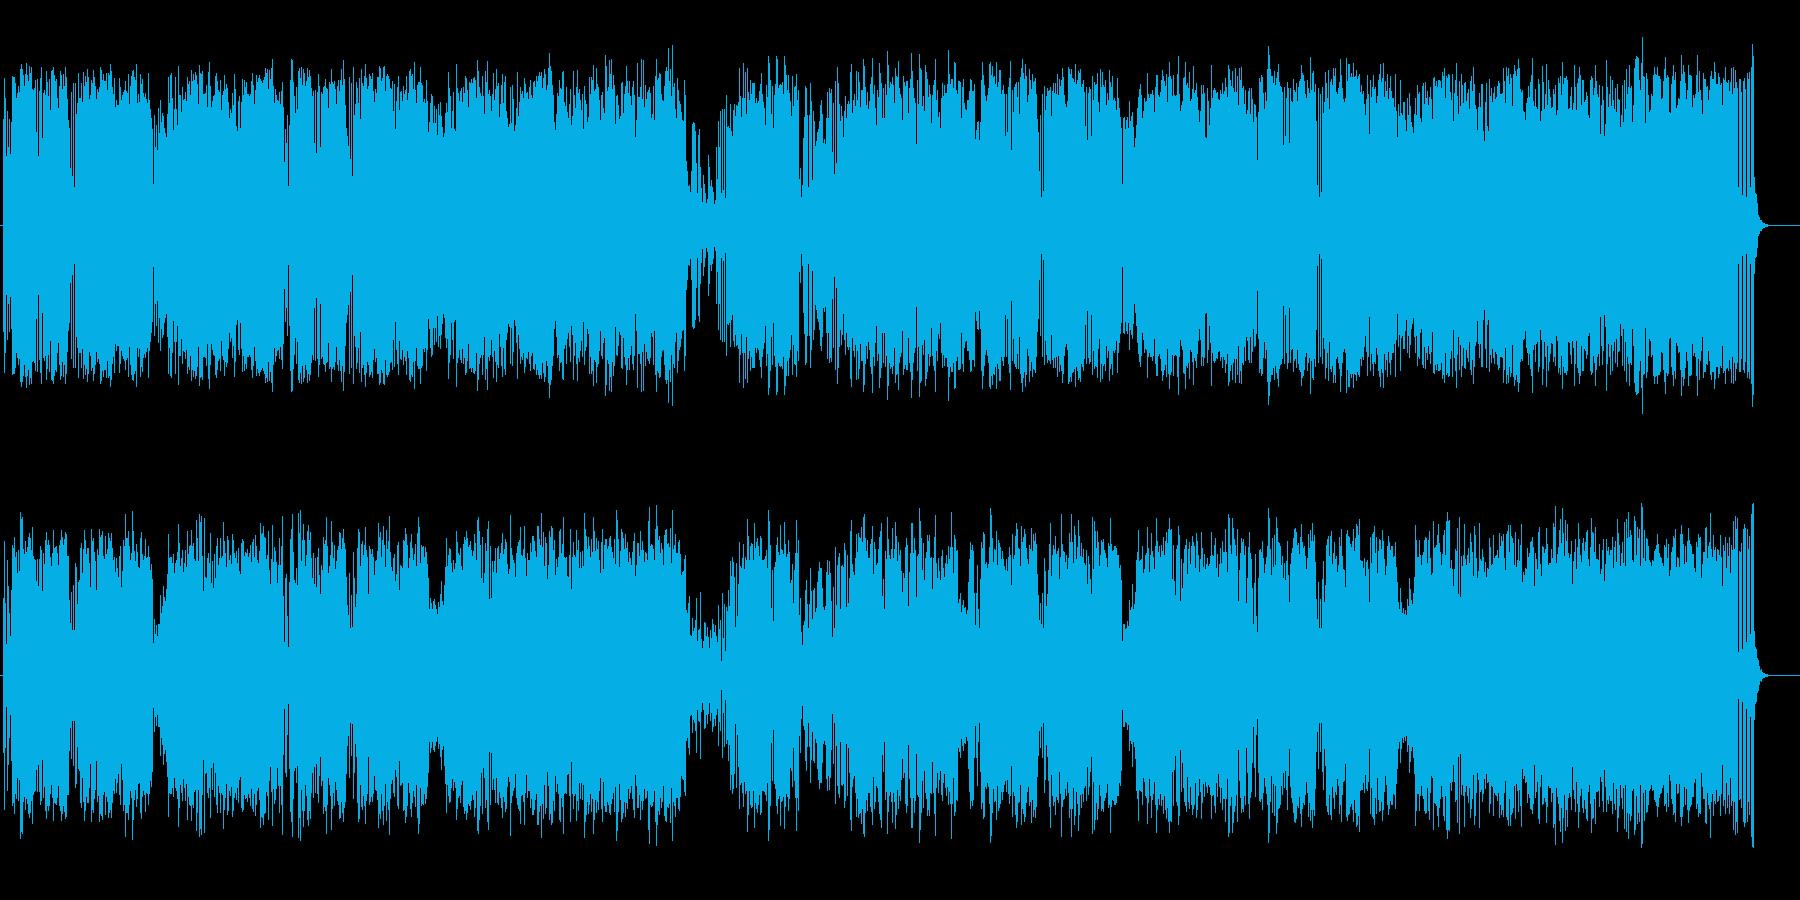 春の雪解け水の様に透き通った弦楽四重奏の再生済みの波形